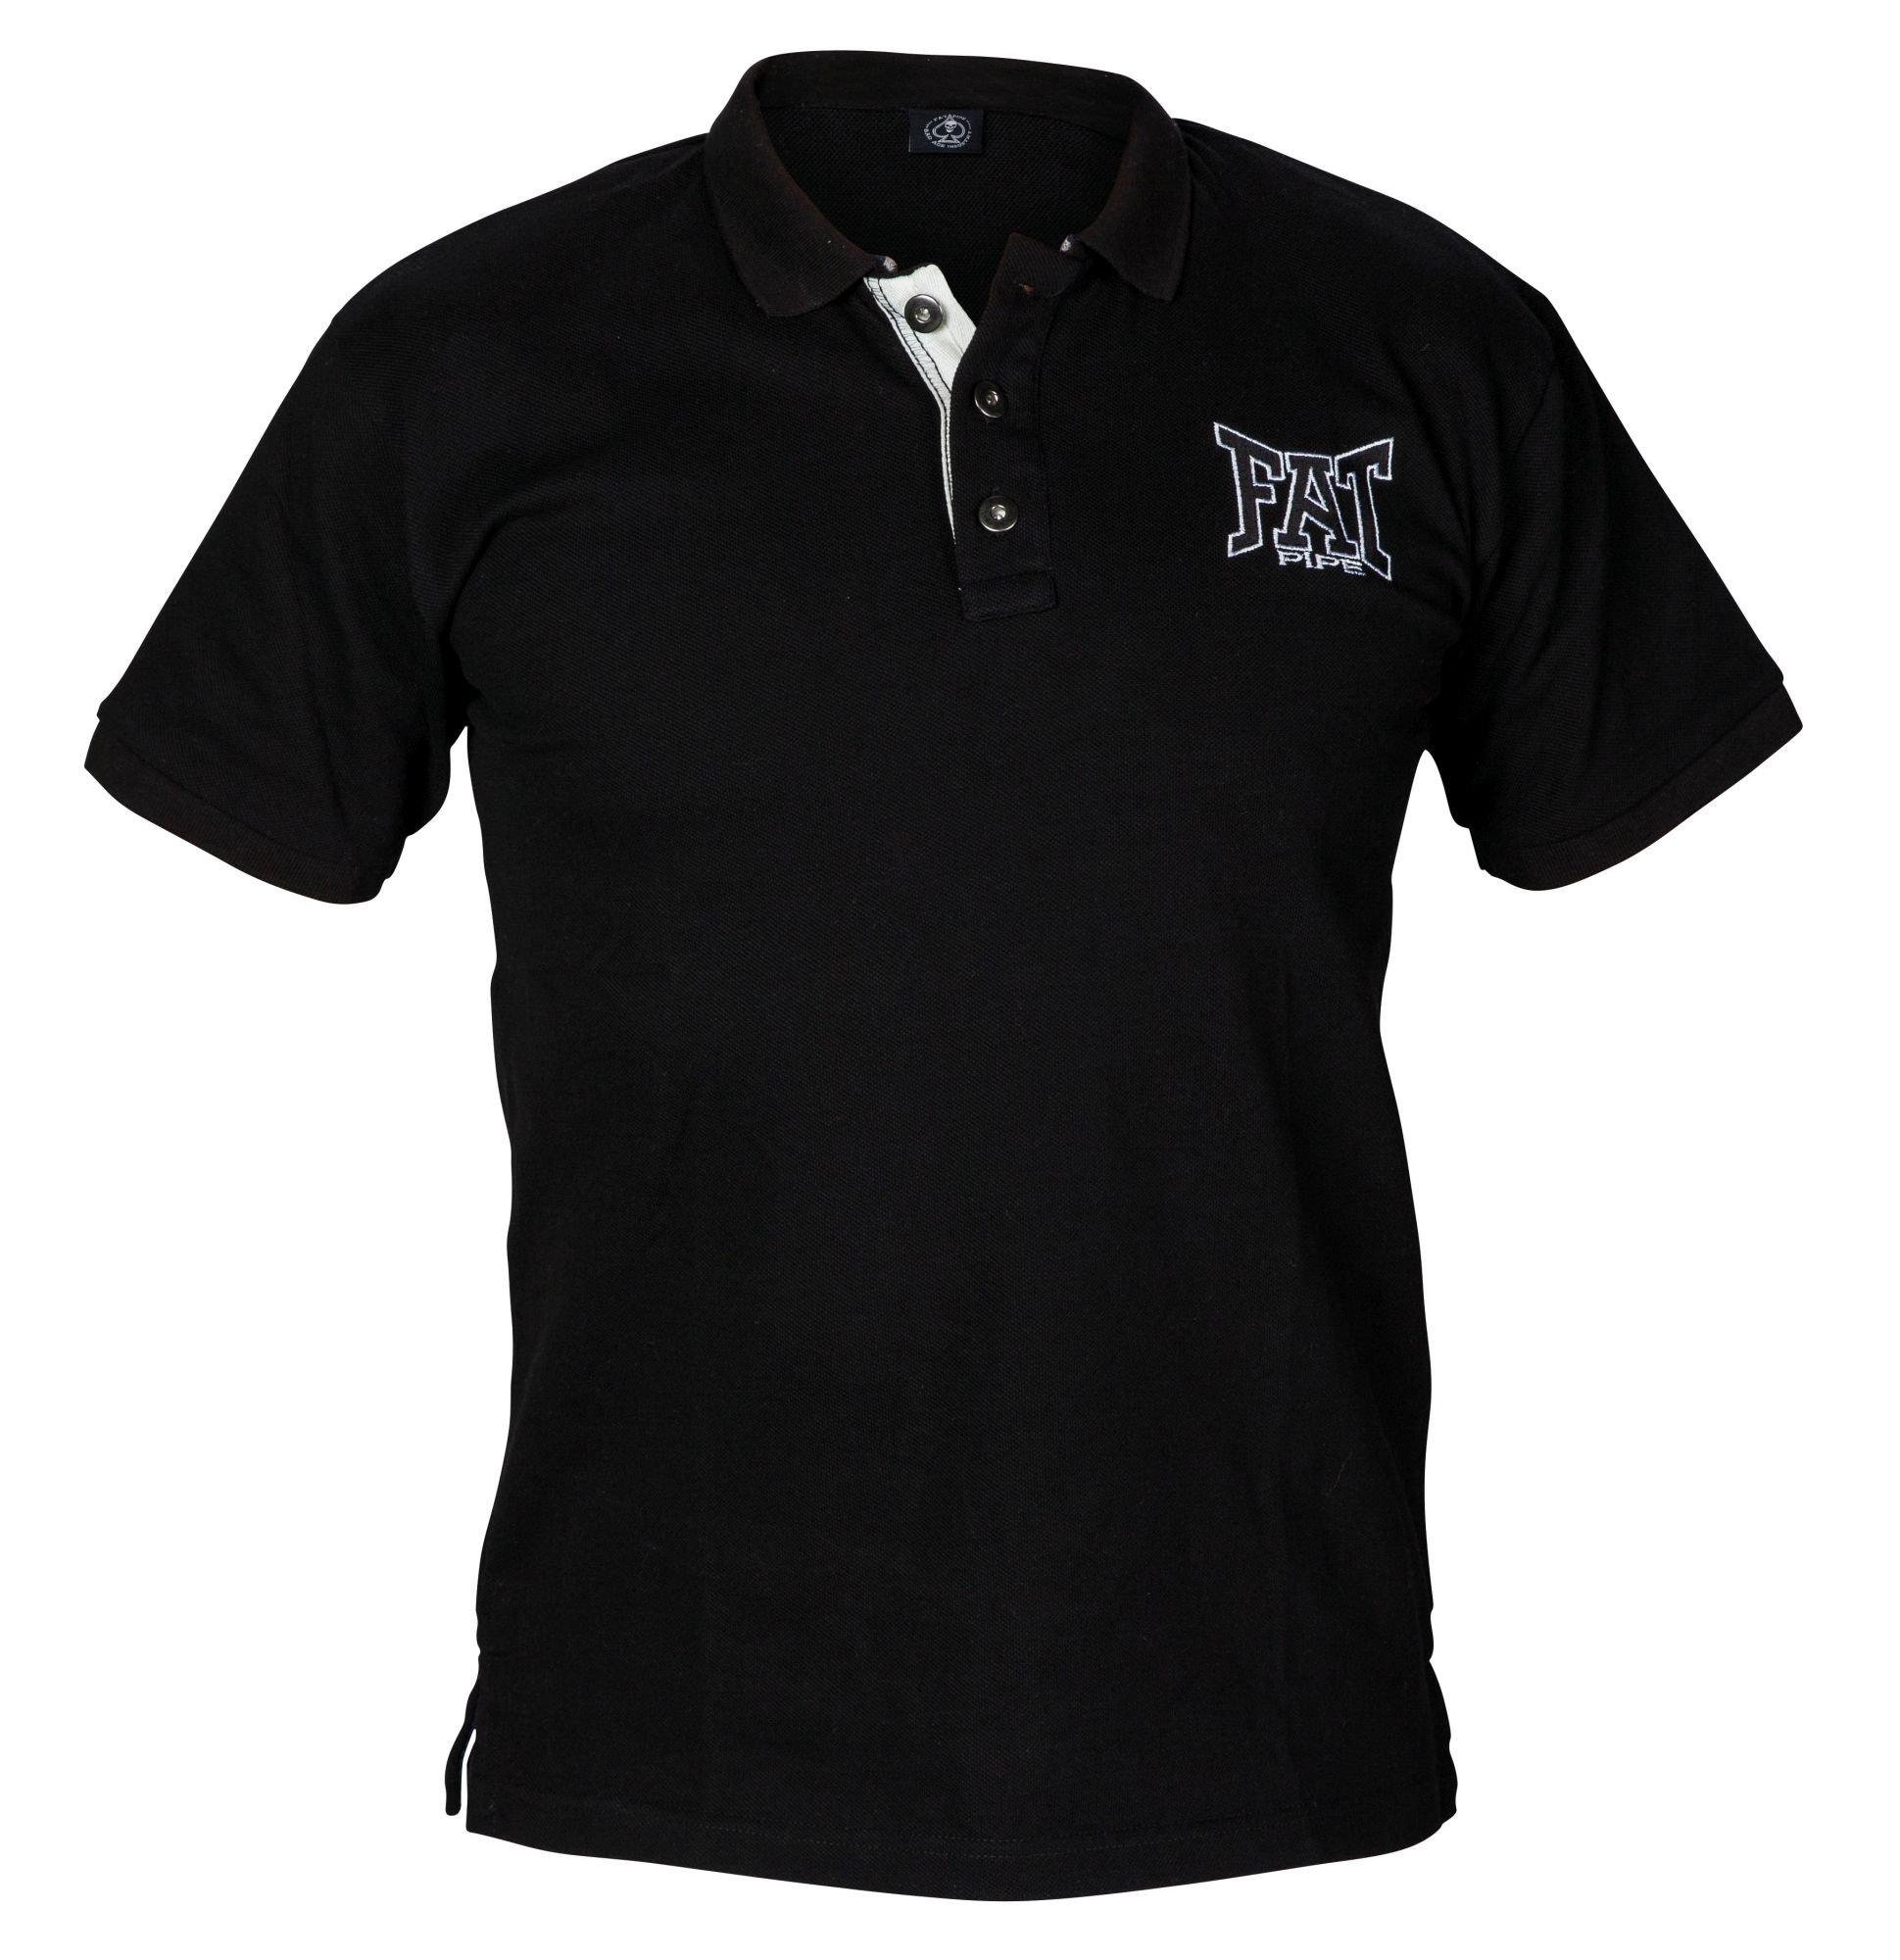 Fatpipe Rene triko s límečkem S černá